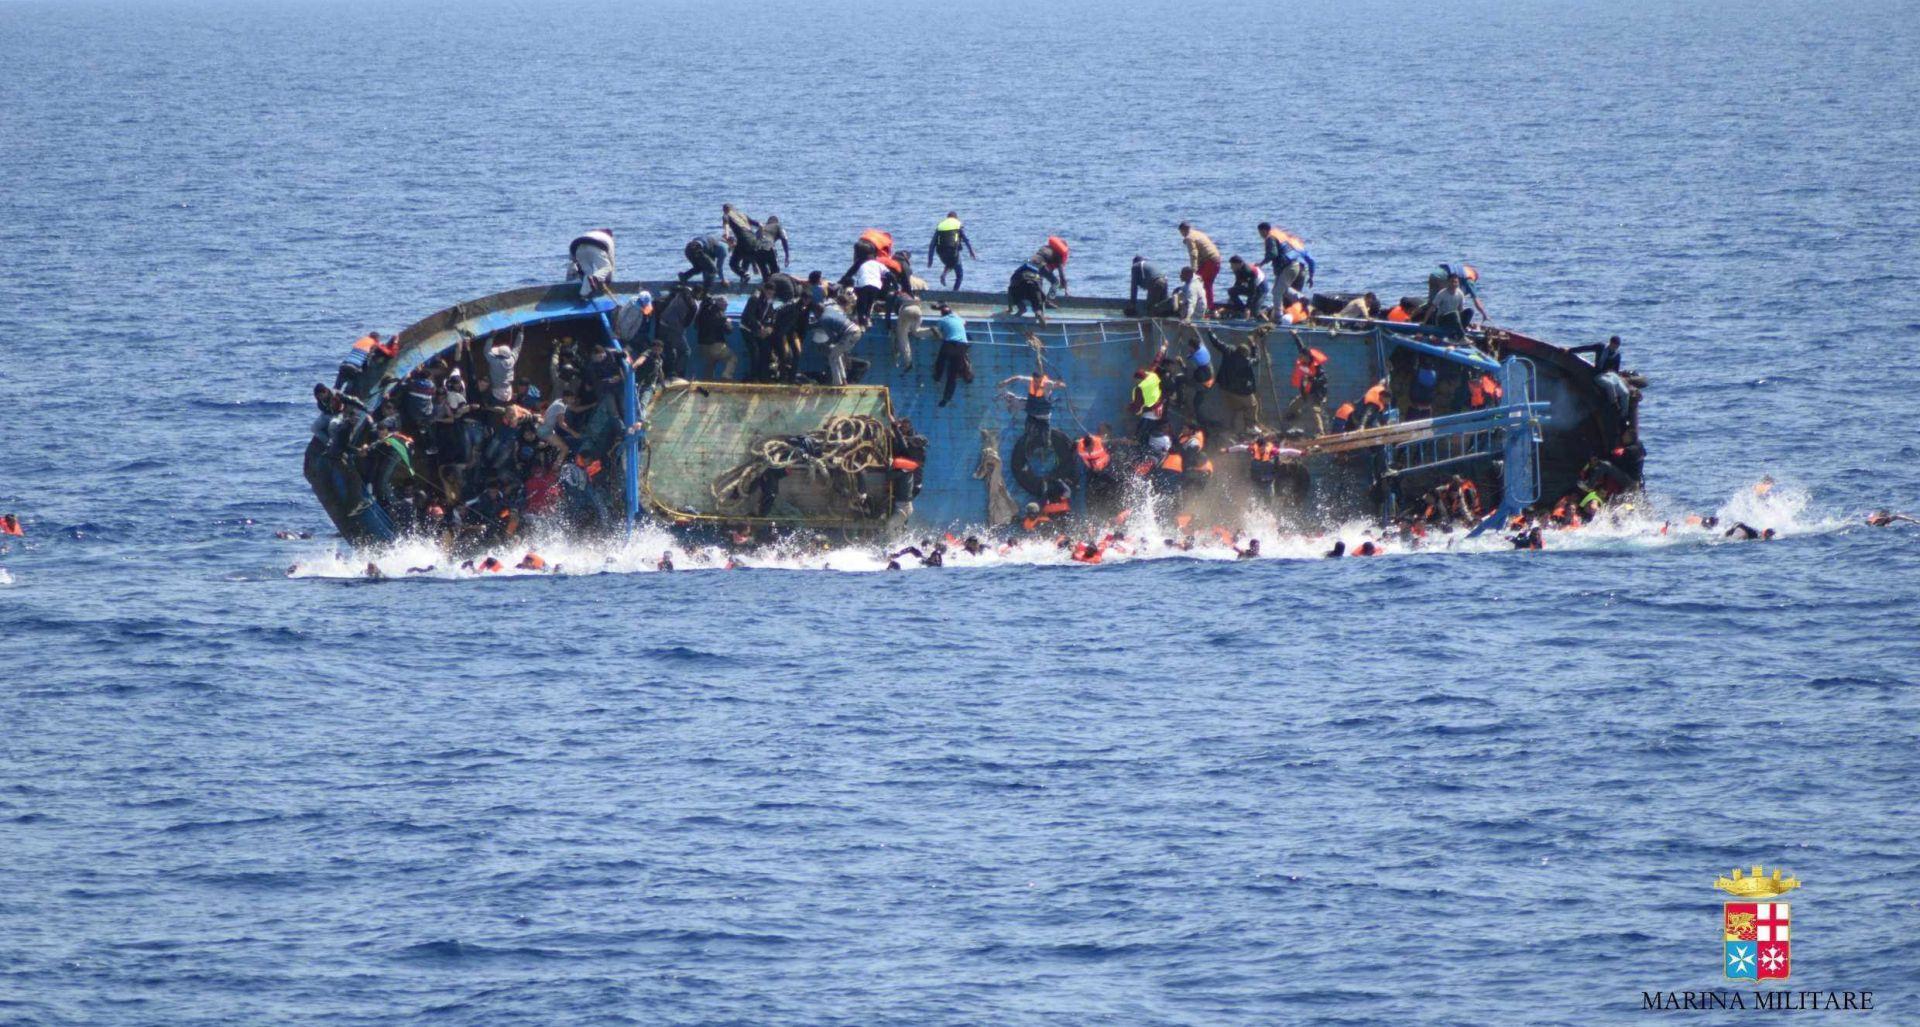 Talijanska mornarica: Iz mora izvučena tijela 45 migranata